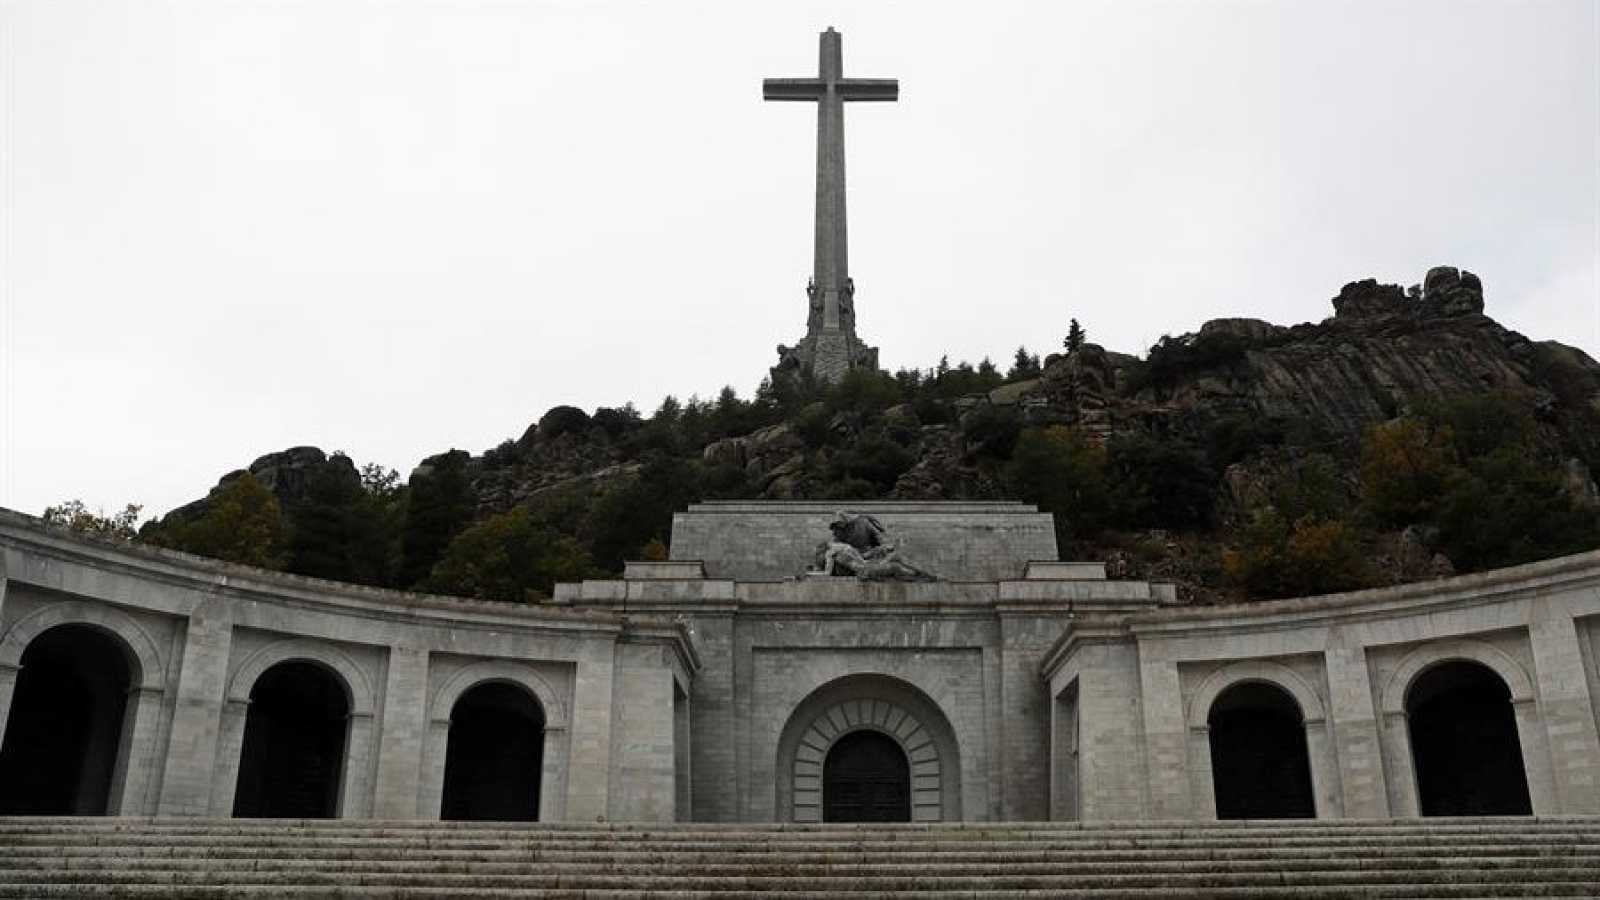 El Tribunal Supremo tumba los recursos que quedaban pendientes contra la exhumación de Franco